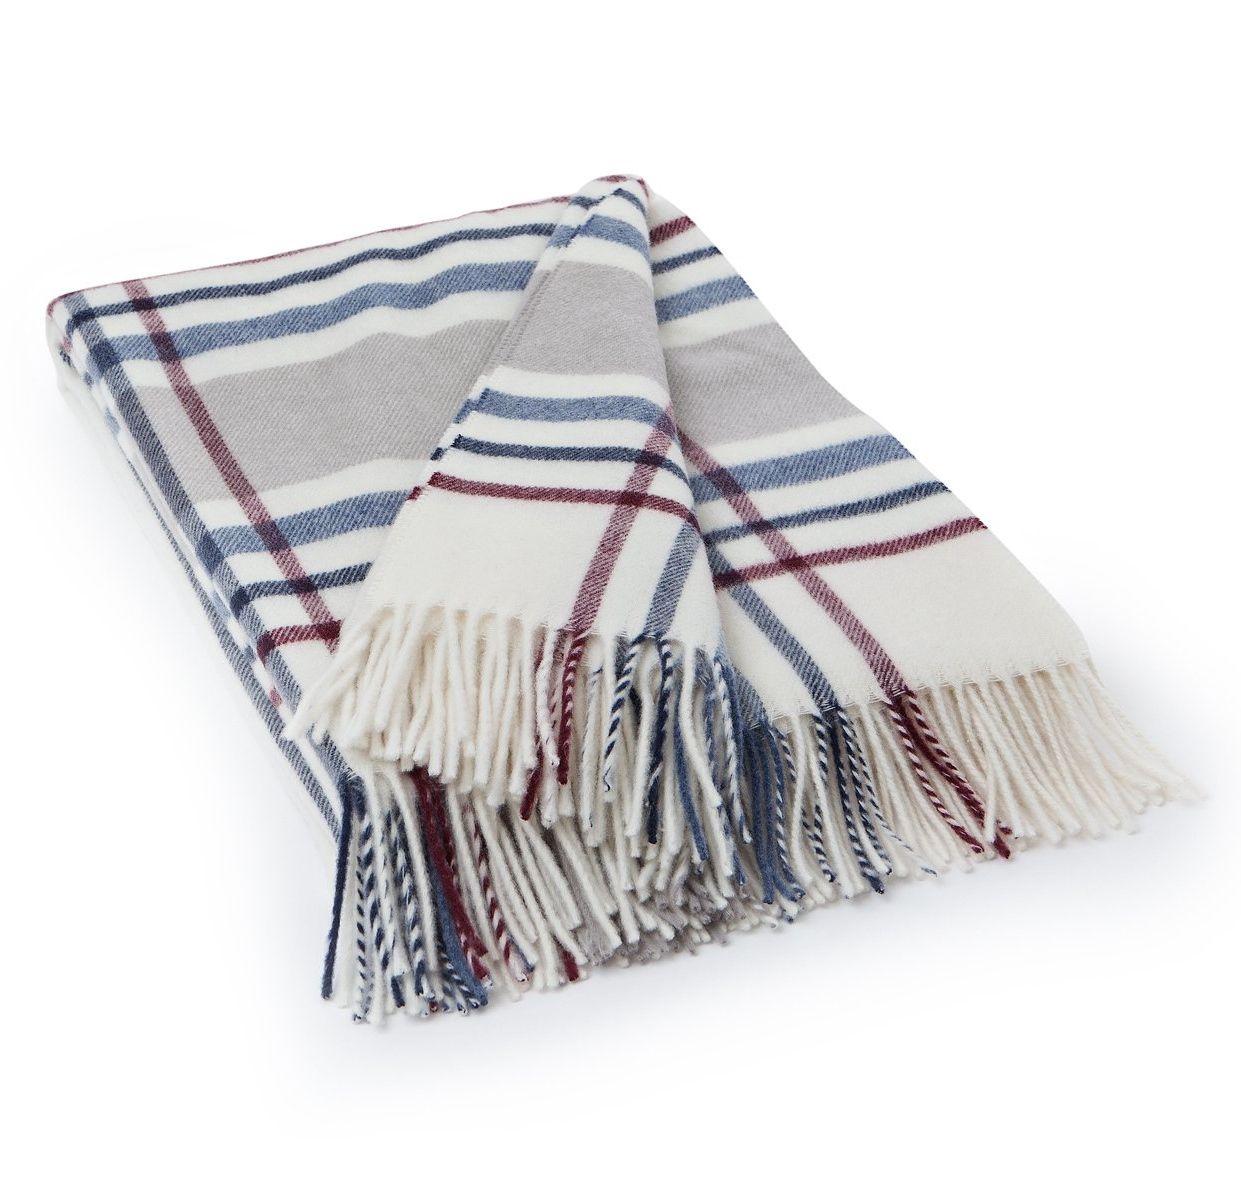 Liebenswert Decke Beige Dekoration Von Lexington Wool Checked Weiß/beige/blau/rot | Decken |